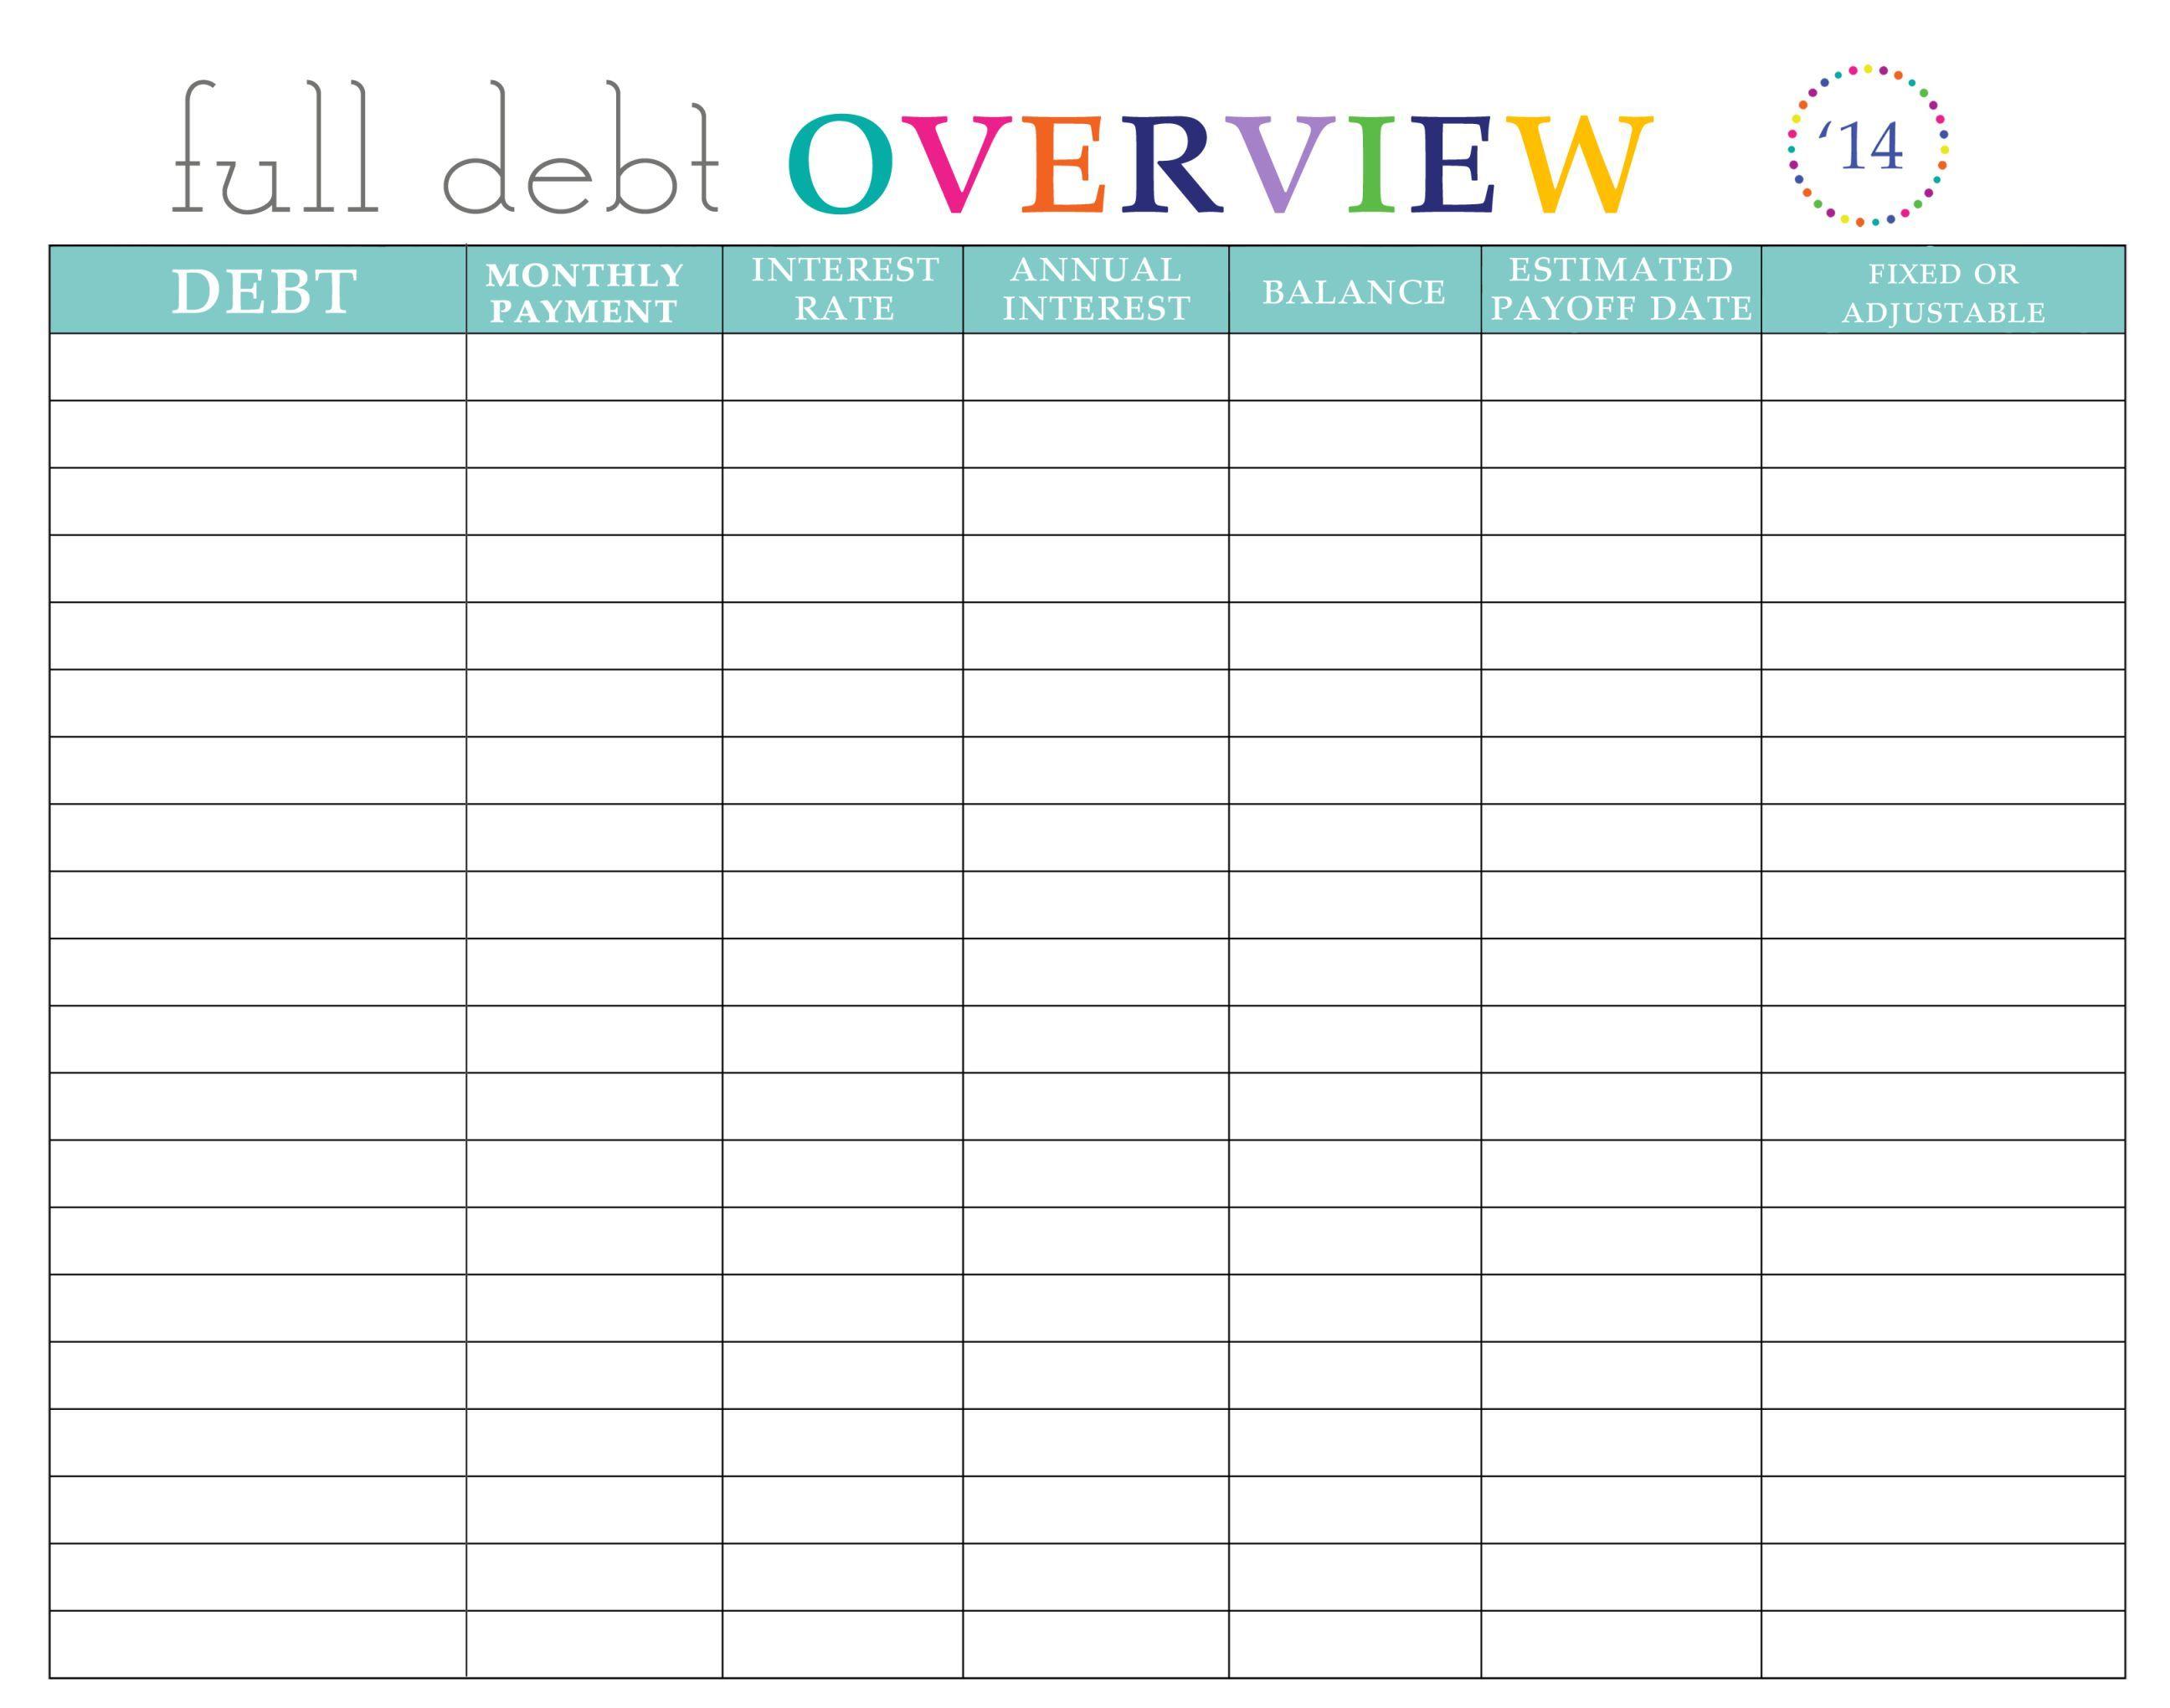 Credit Card Comparison Worksheet